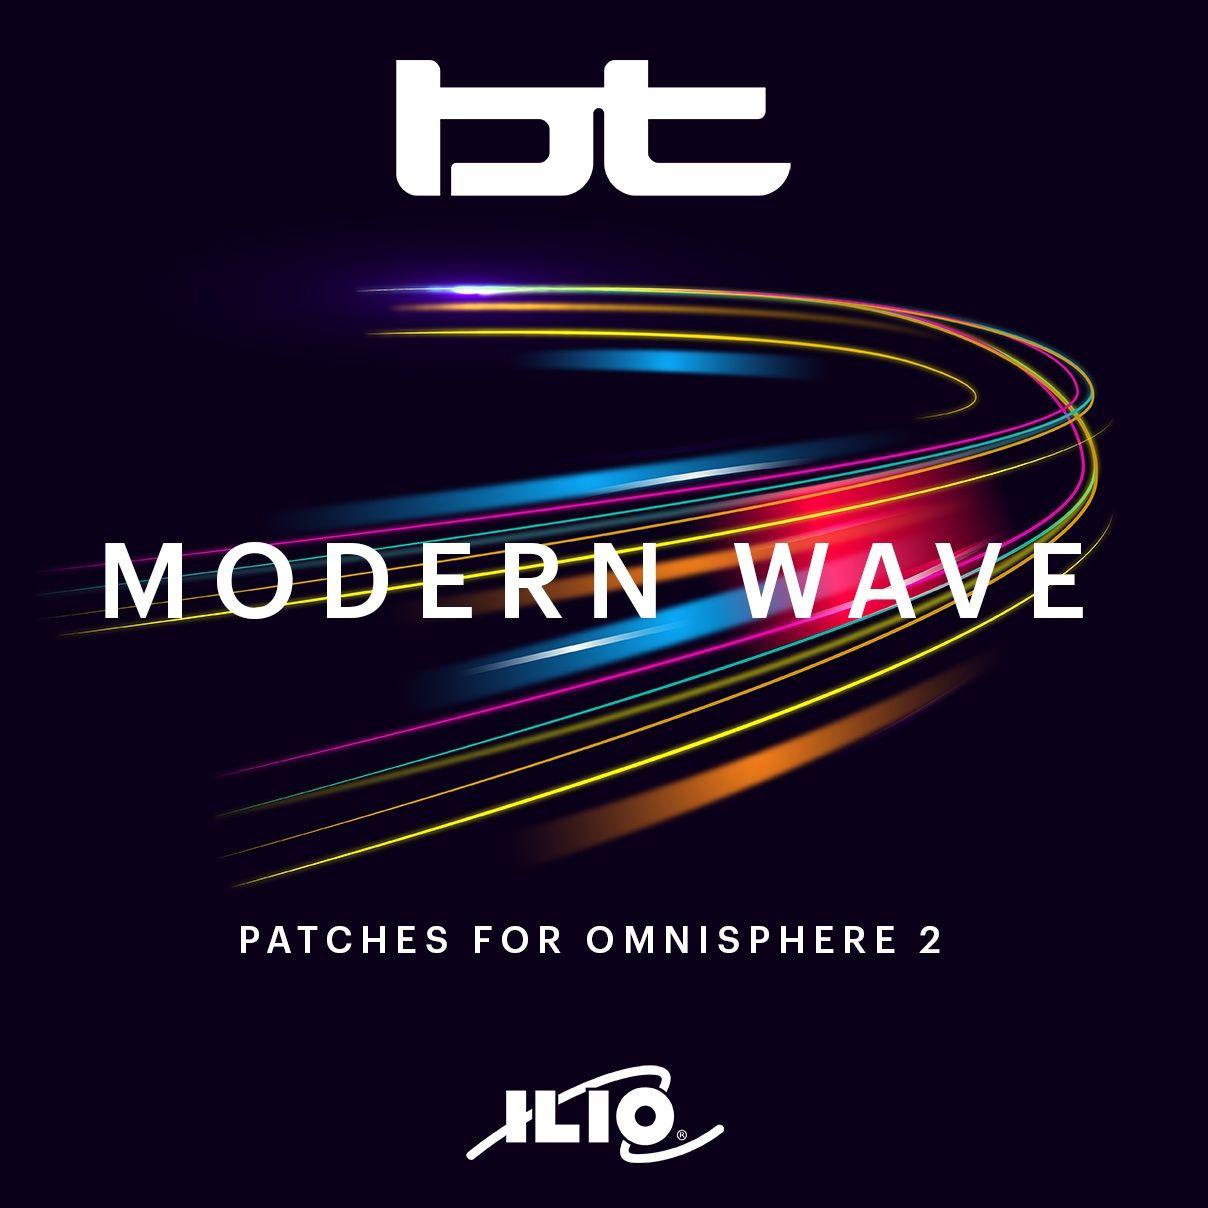 BT-Modern Wave